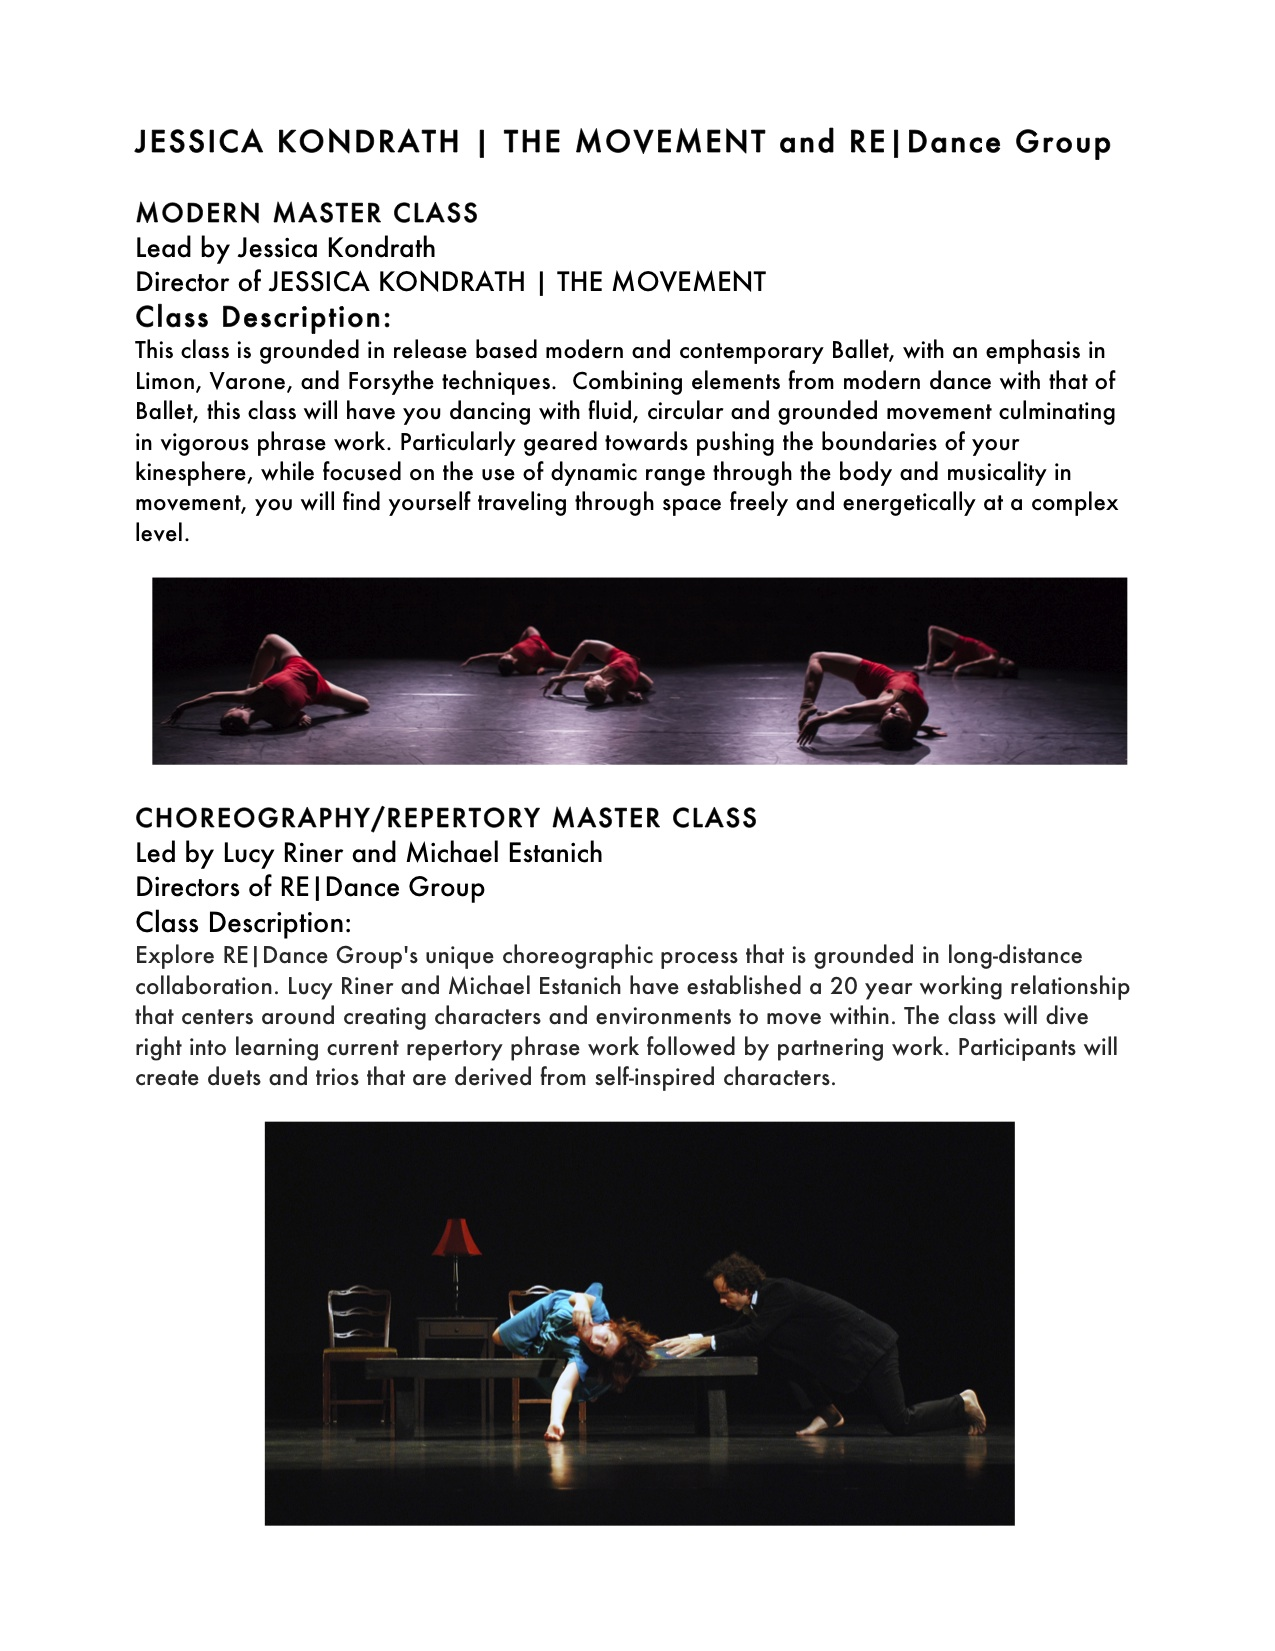 JKTM-RE_Dance Group master class description.jpg